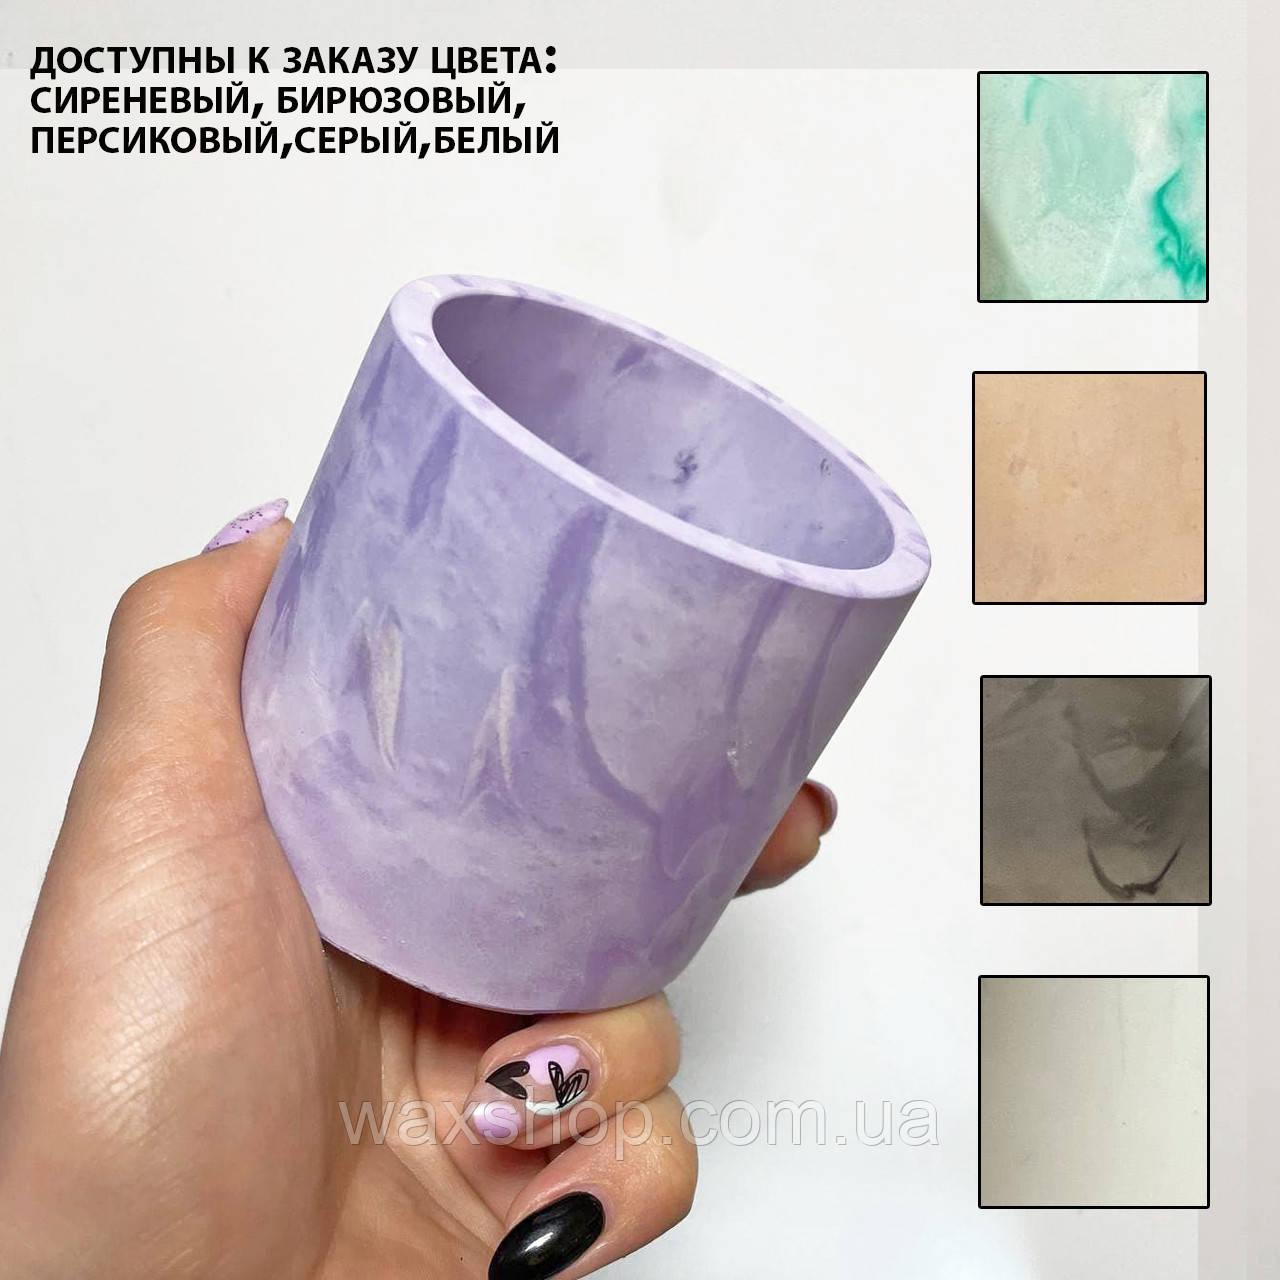 Кашпо пустой, форма цилиндр  6/8см, емкость для свечей, кашпо для растений, гипсовый стакан